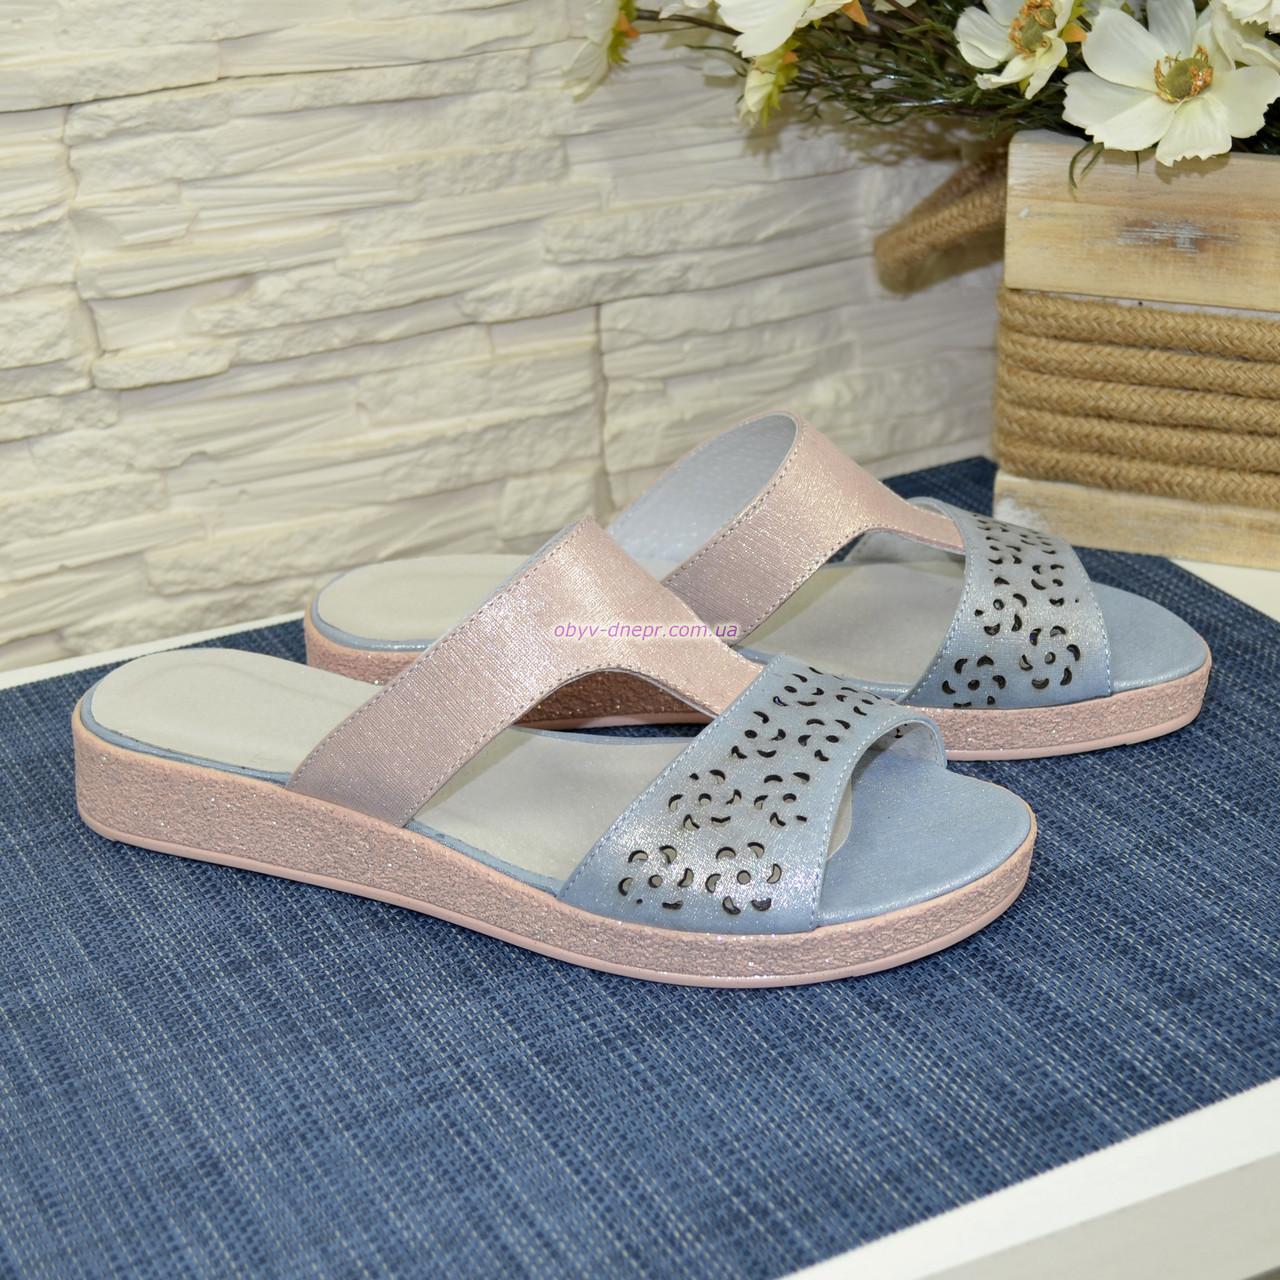 Шлепанцы кожаные женские на утолщенной подошве, цвет голубой/розовый.37 размер